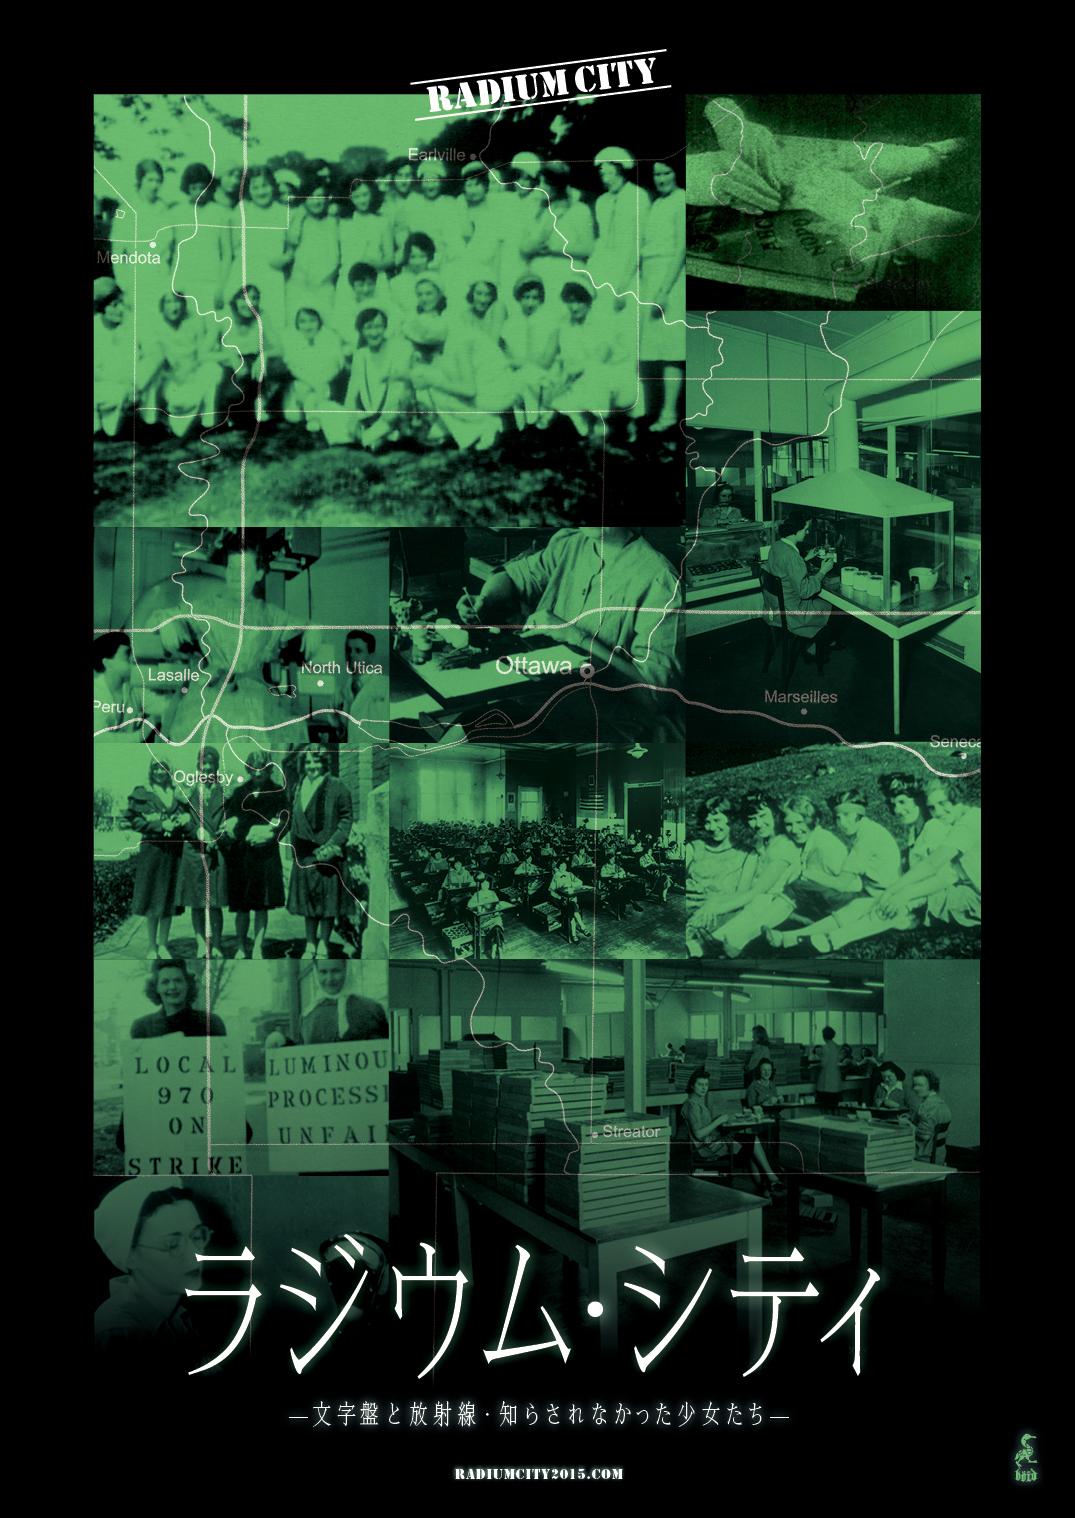 読者プレゼント:「ラジウム・シティ」Phewさんトーク、「札幌爆音上映Vol.2」&札幌「天国の門」上映